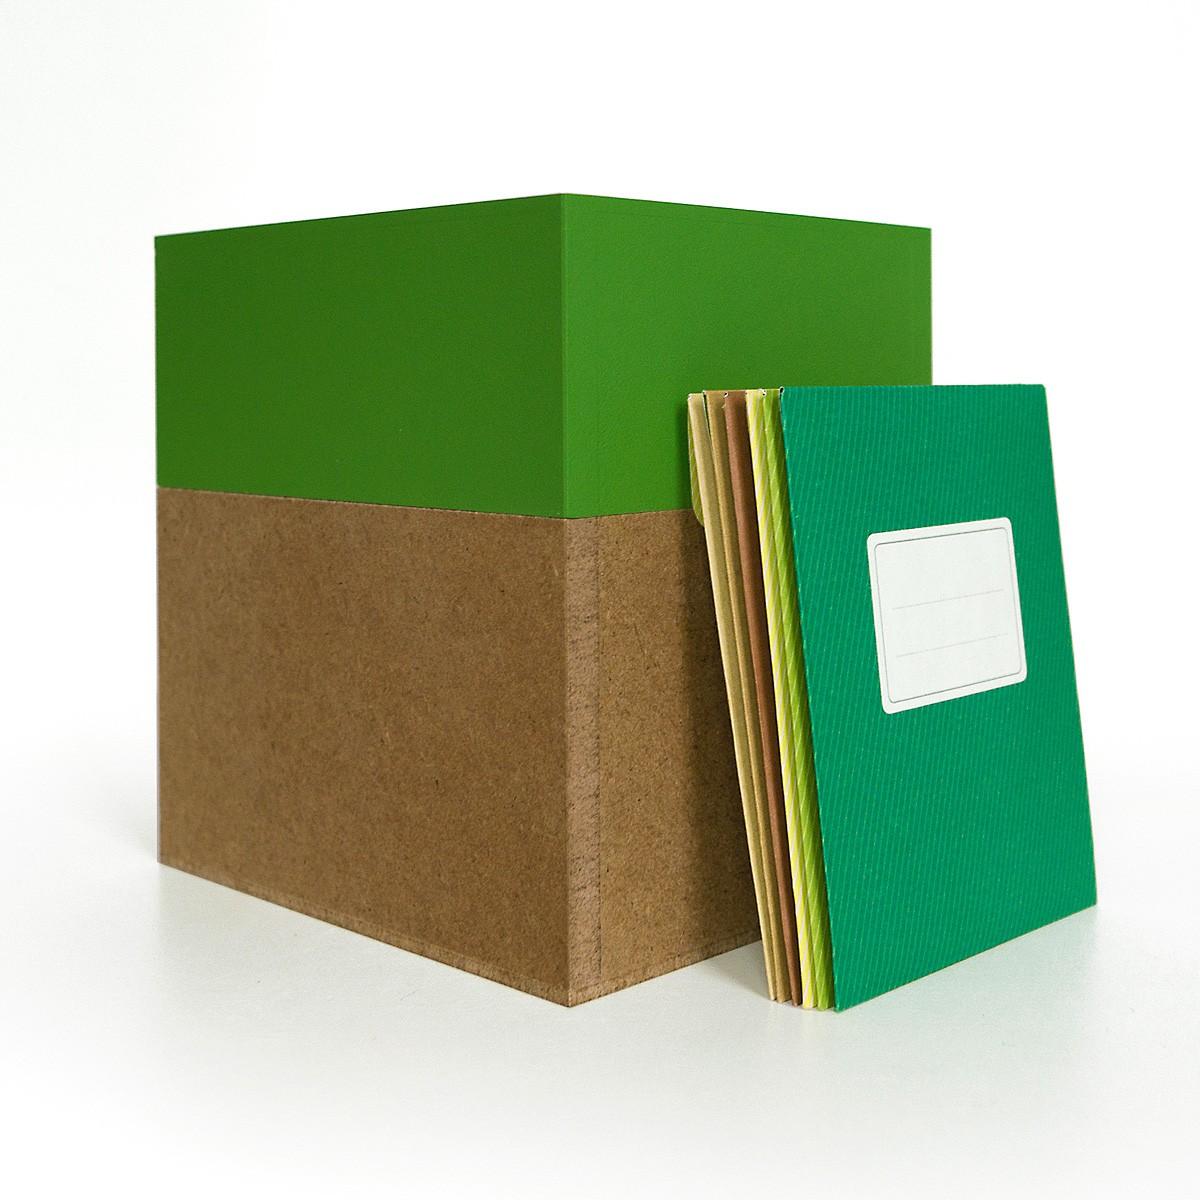 sperlingbB – Samentüten-Box, maigrün, Sammelbox mit Samentüten, Geschenk für Gärtner